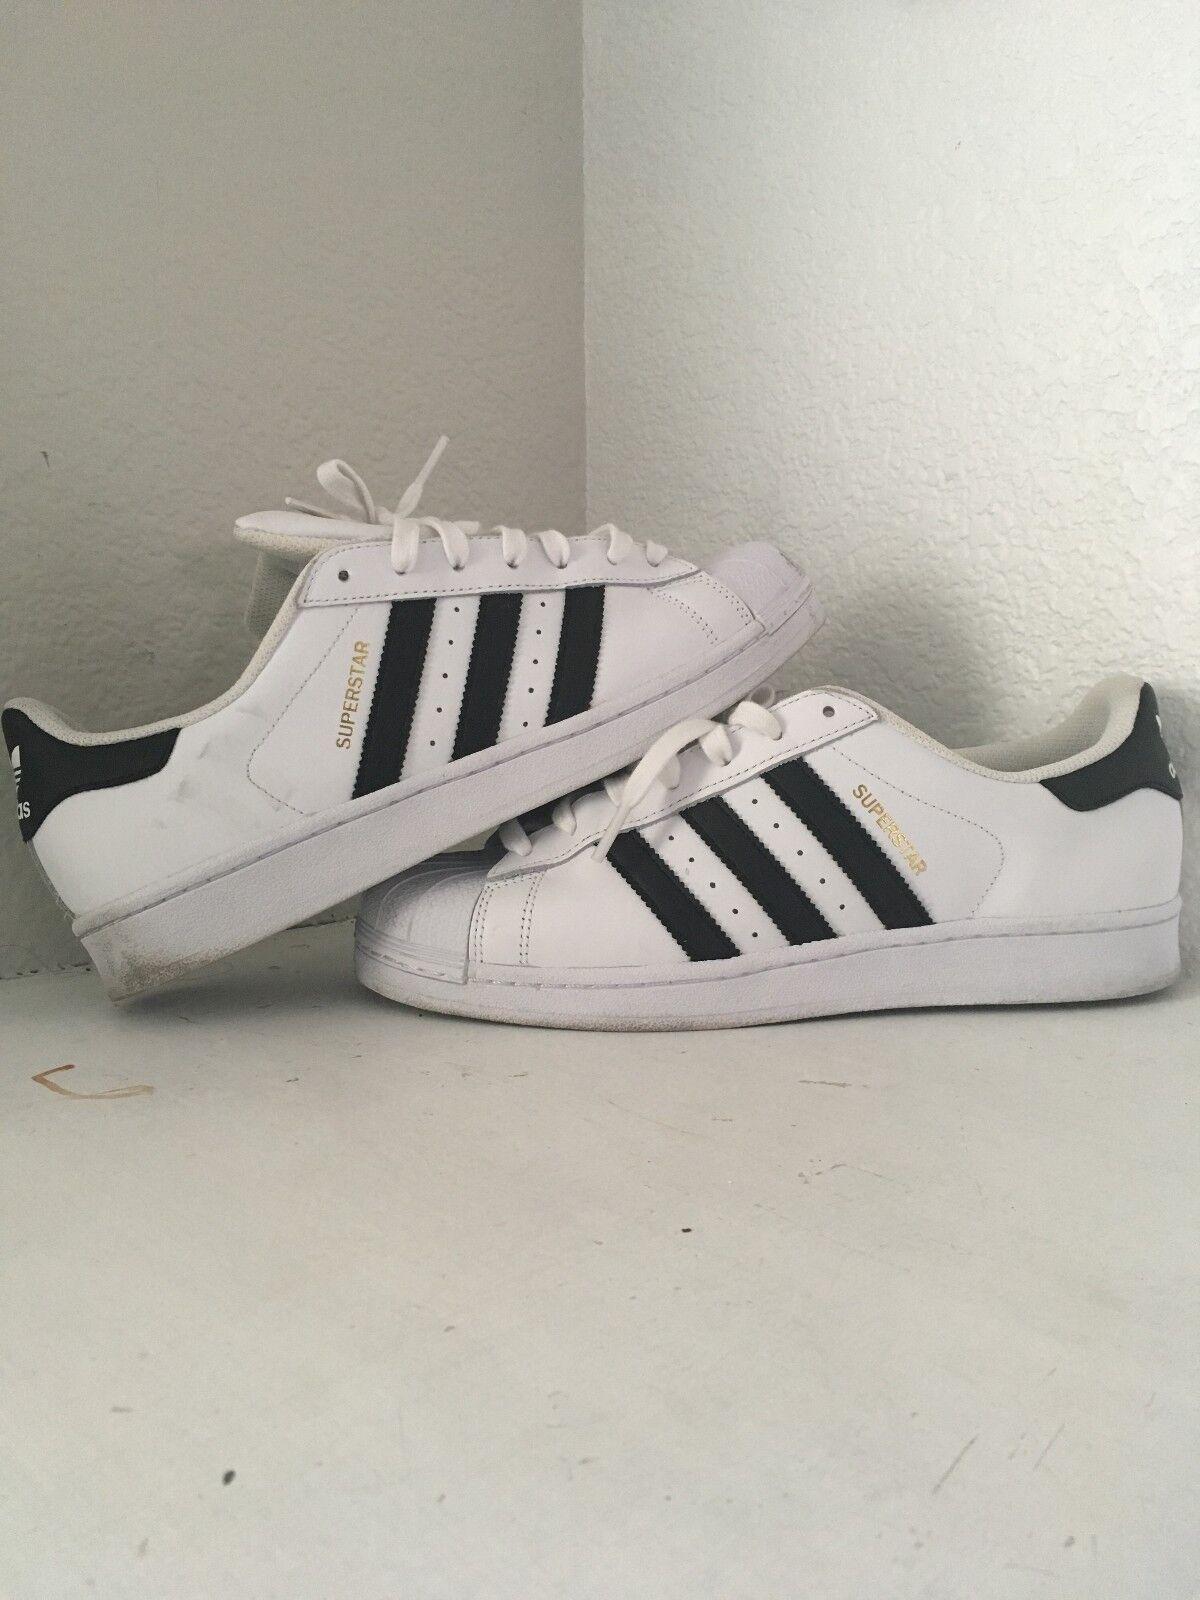 adidas originals classic superstar white-black männer shell die schuhe white-black superstar größe 9. fbf813